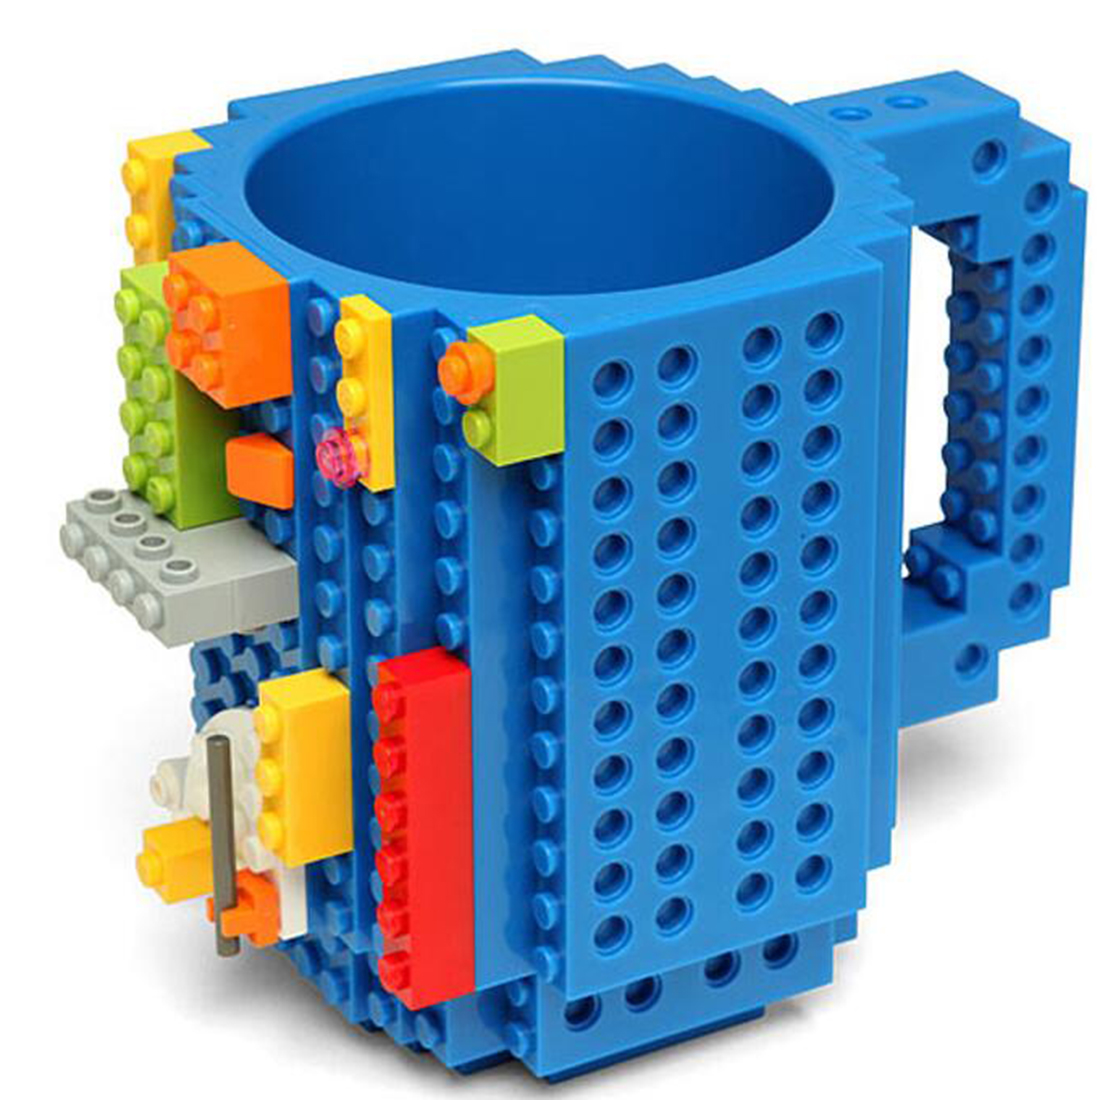 Best Seller Creative Drinkware Building Blocks Mugs DIY Coffee Cup Block Puzzle Mug 350ml Personality Water